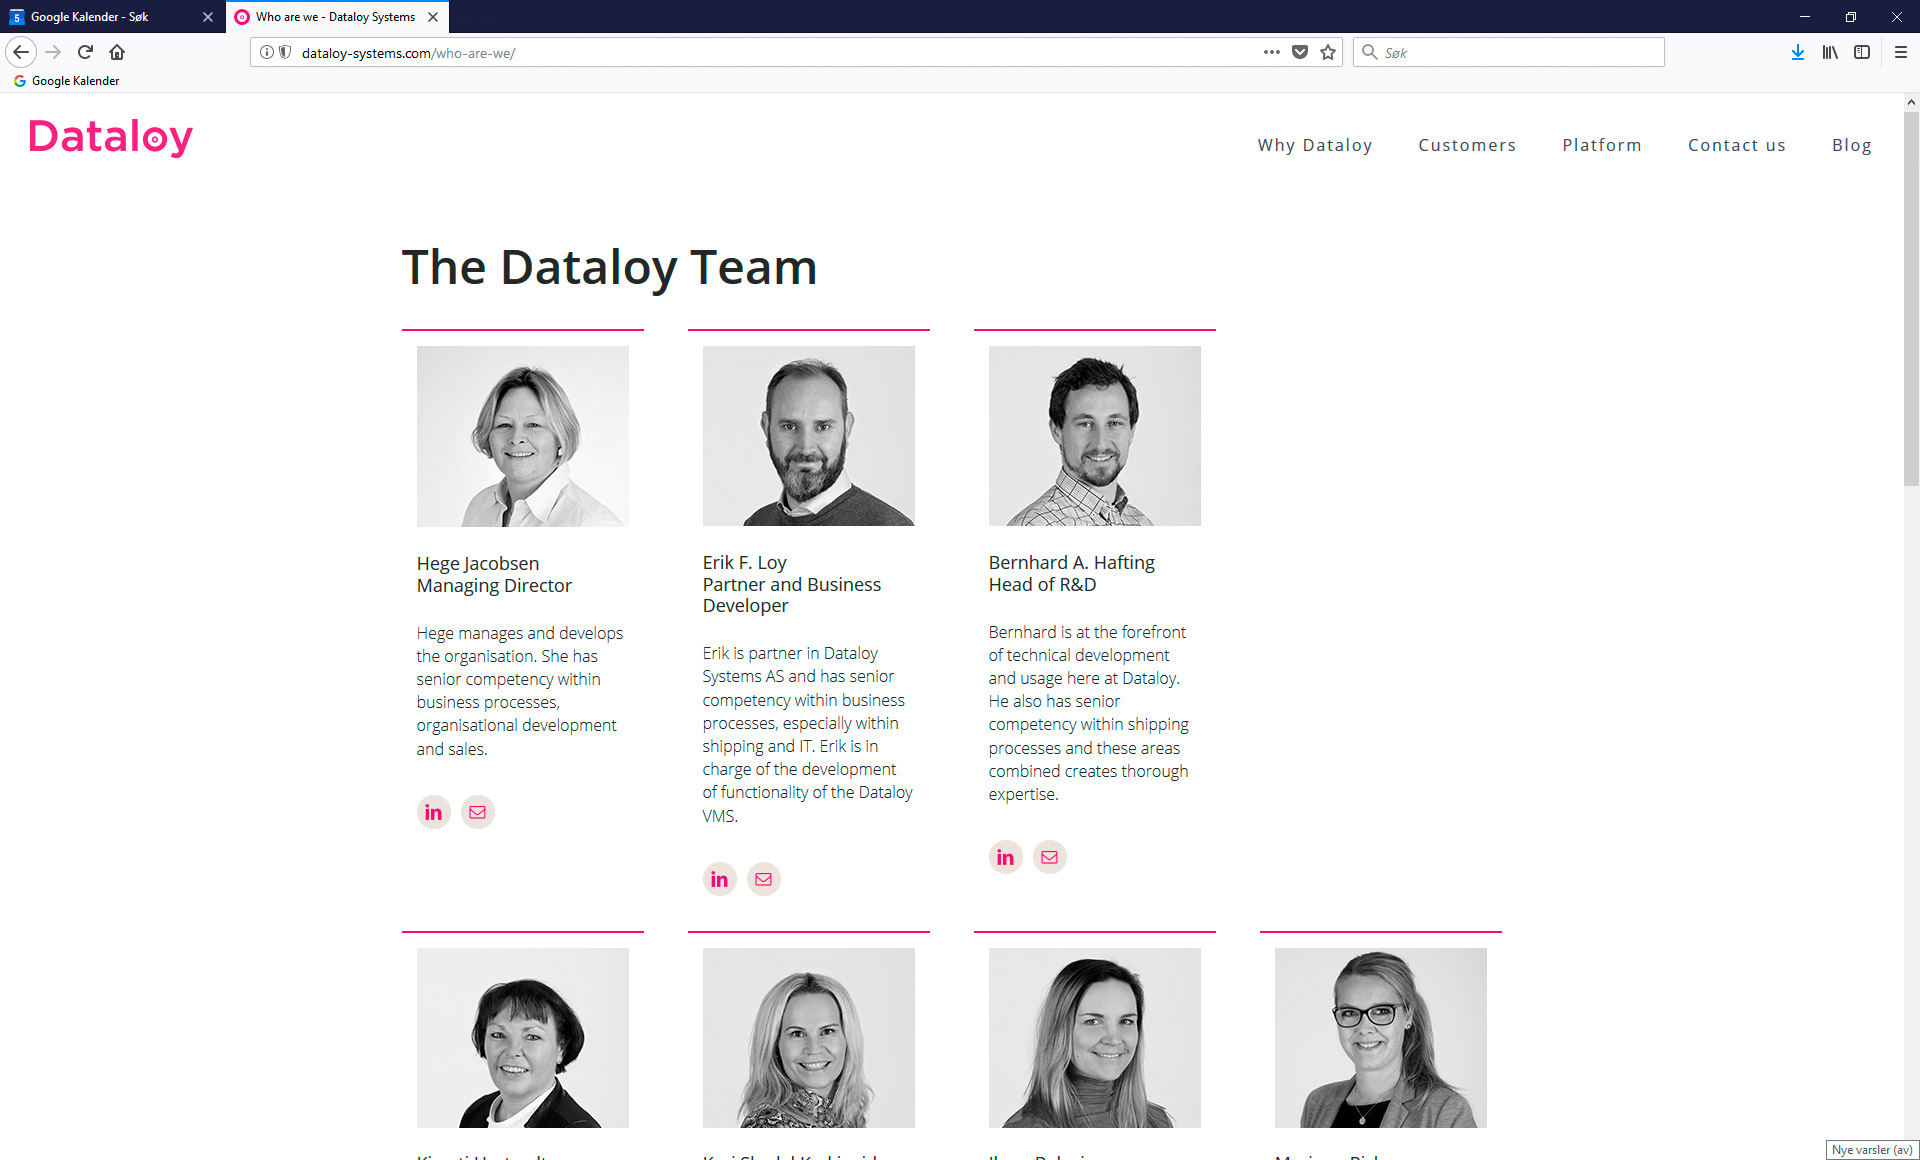 Nye profilbilder til bedriften?